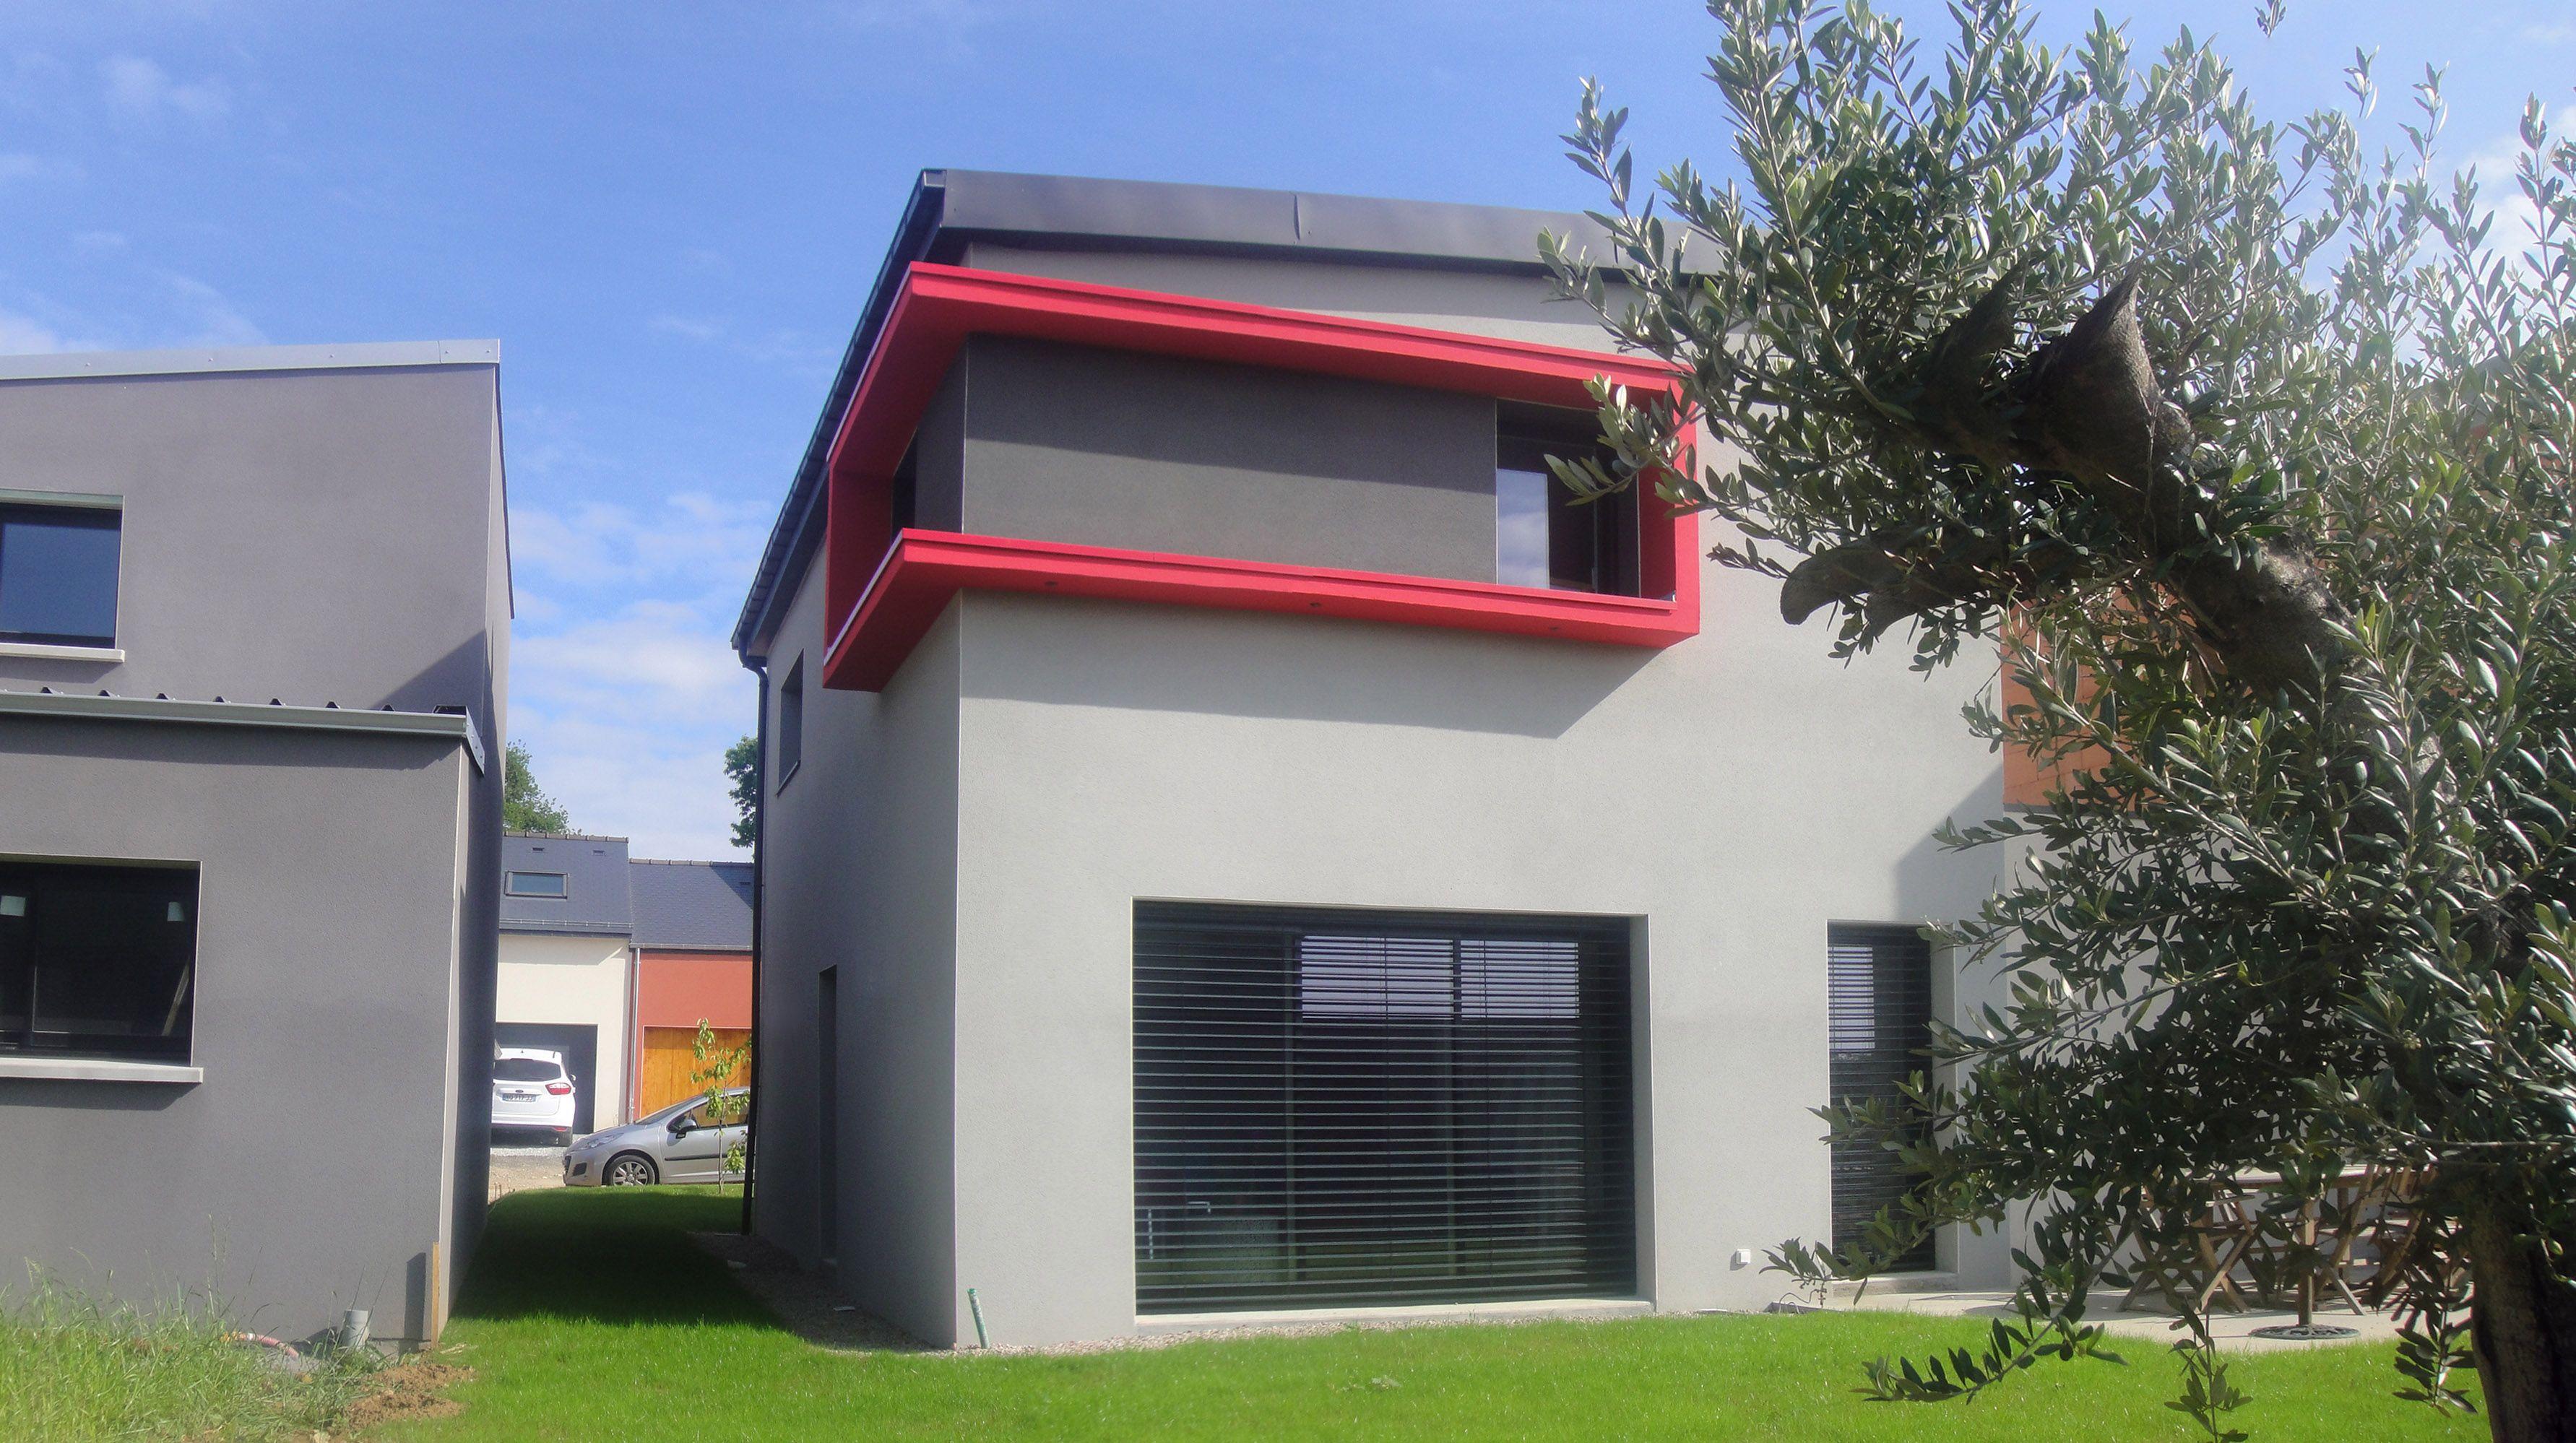 Facades De Maisons En Couleurs couleur enduit facade maison moderne - recherche google